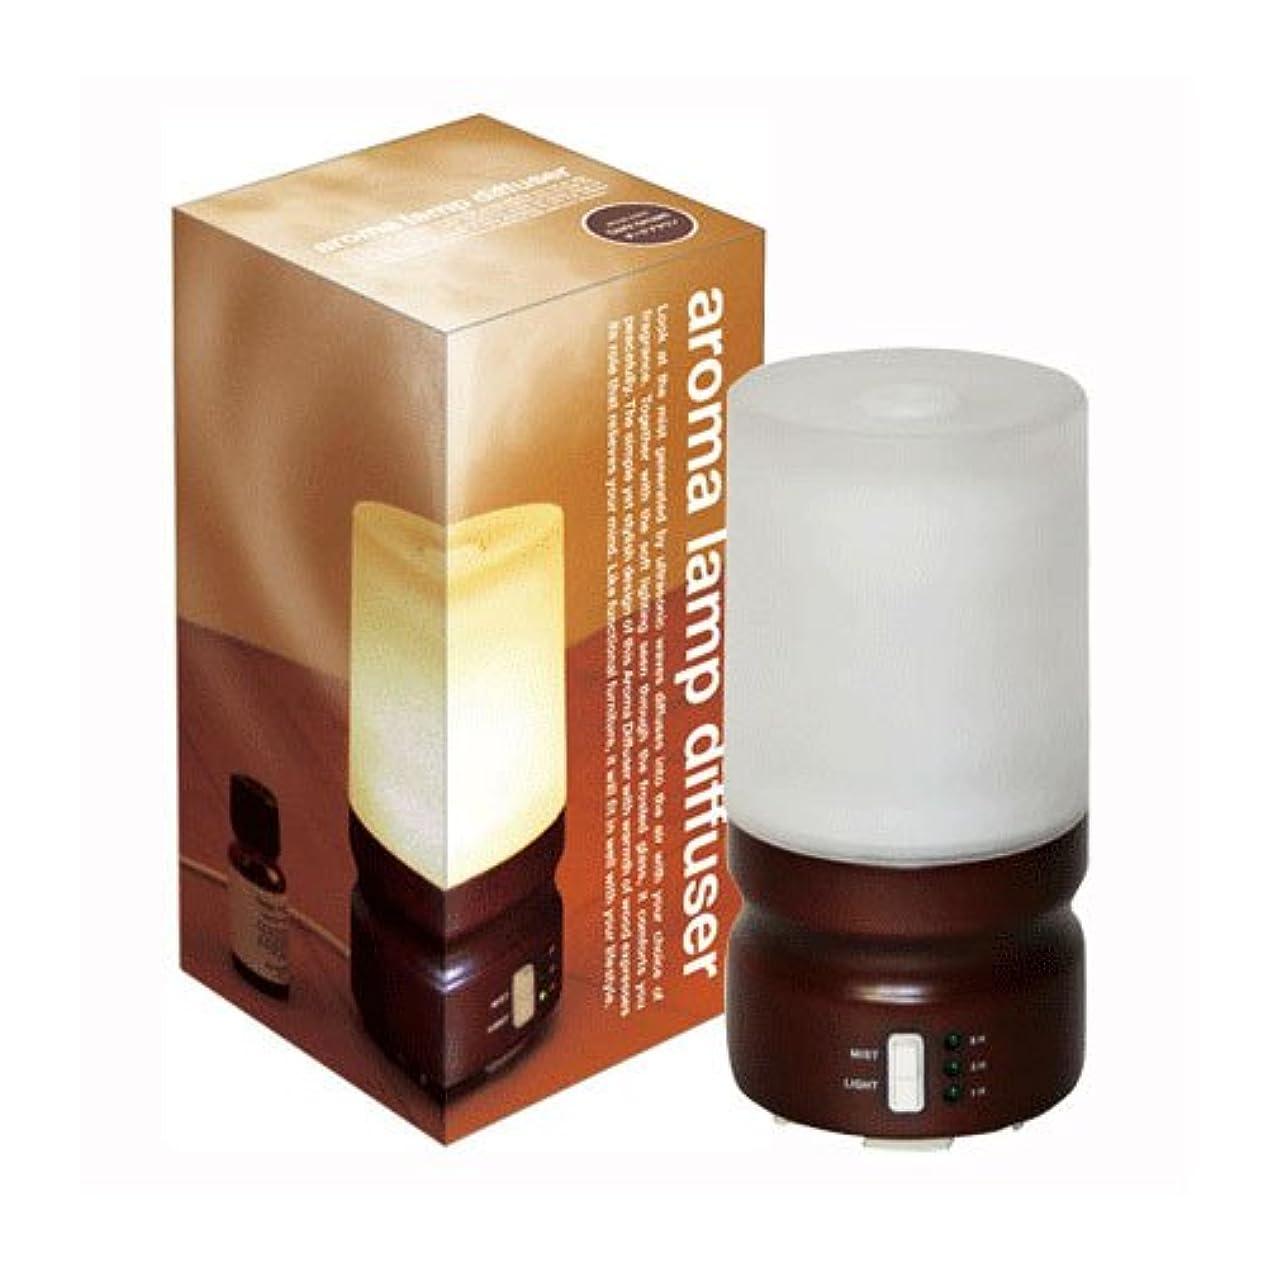 絞るファブリックフェードアロマランプディフューザーaroma lamp diffuer【タイマー付】【保証書付(6ヶ月)】【カラー:ダークブラウン】